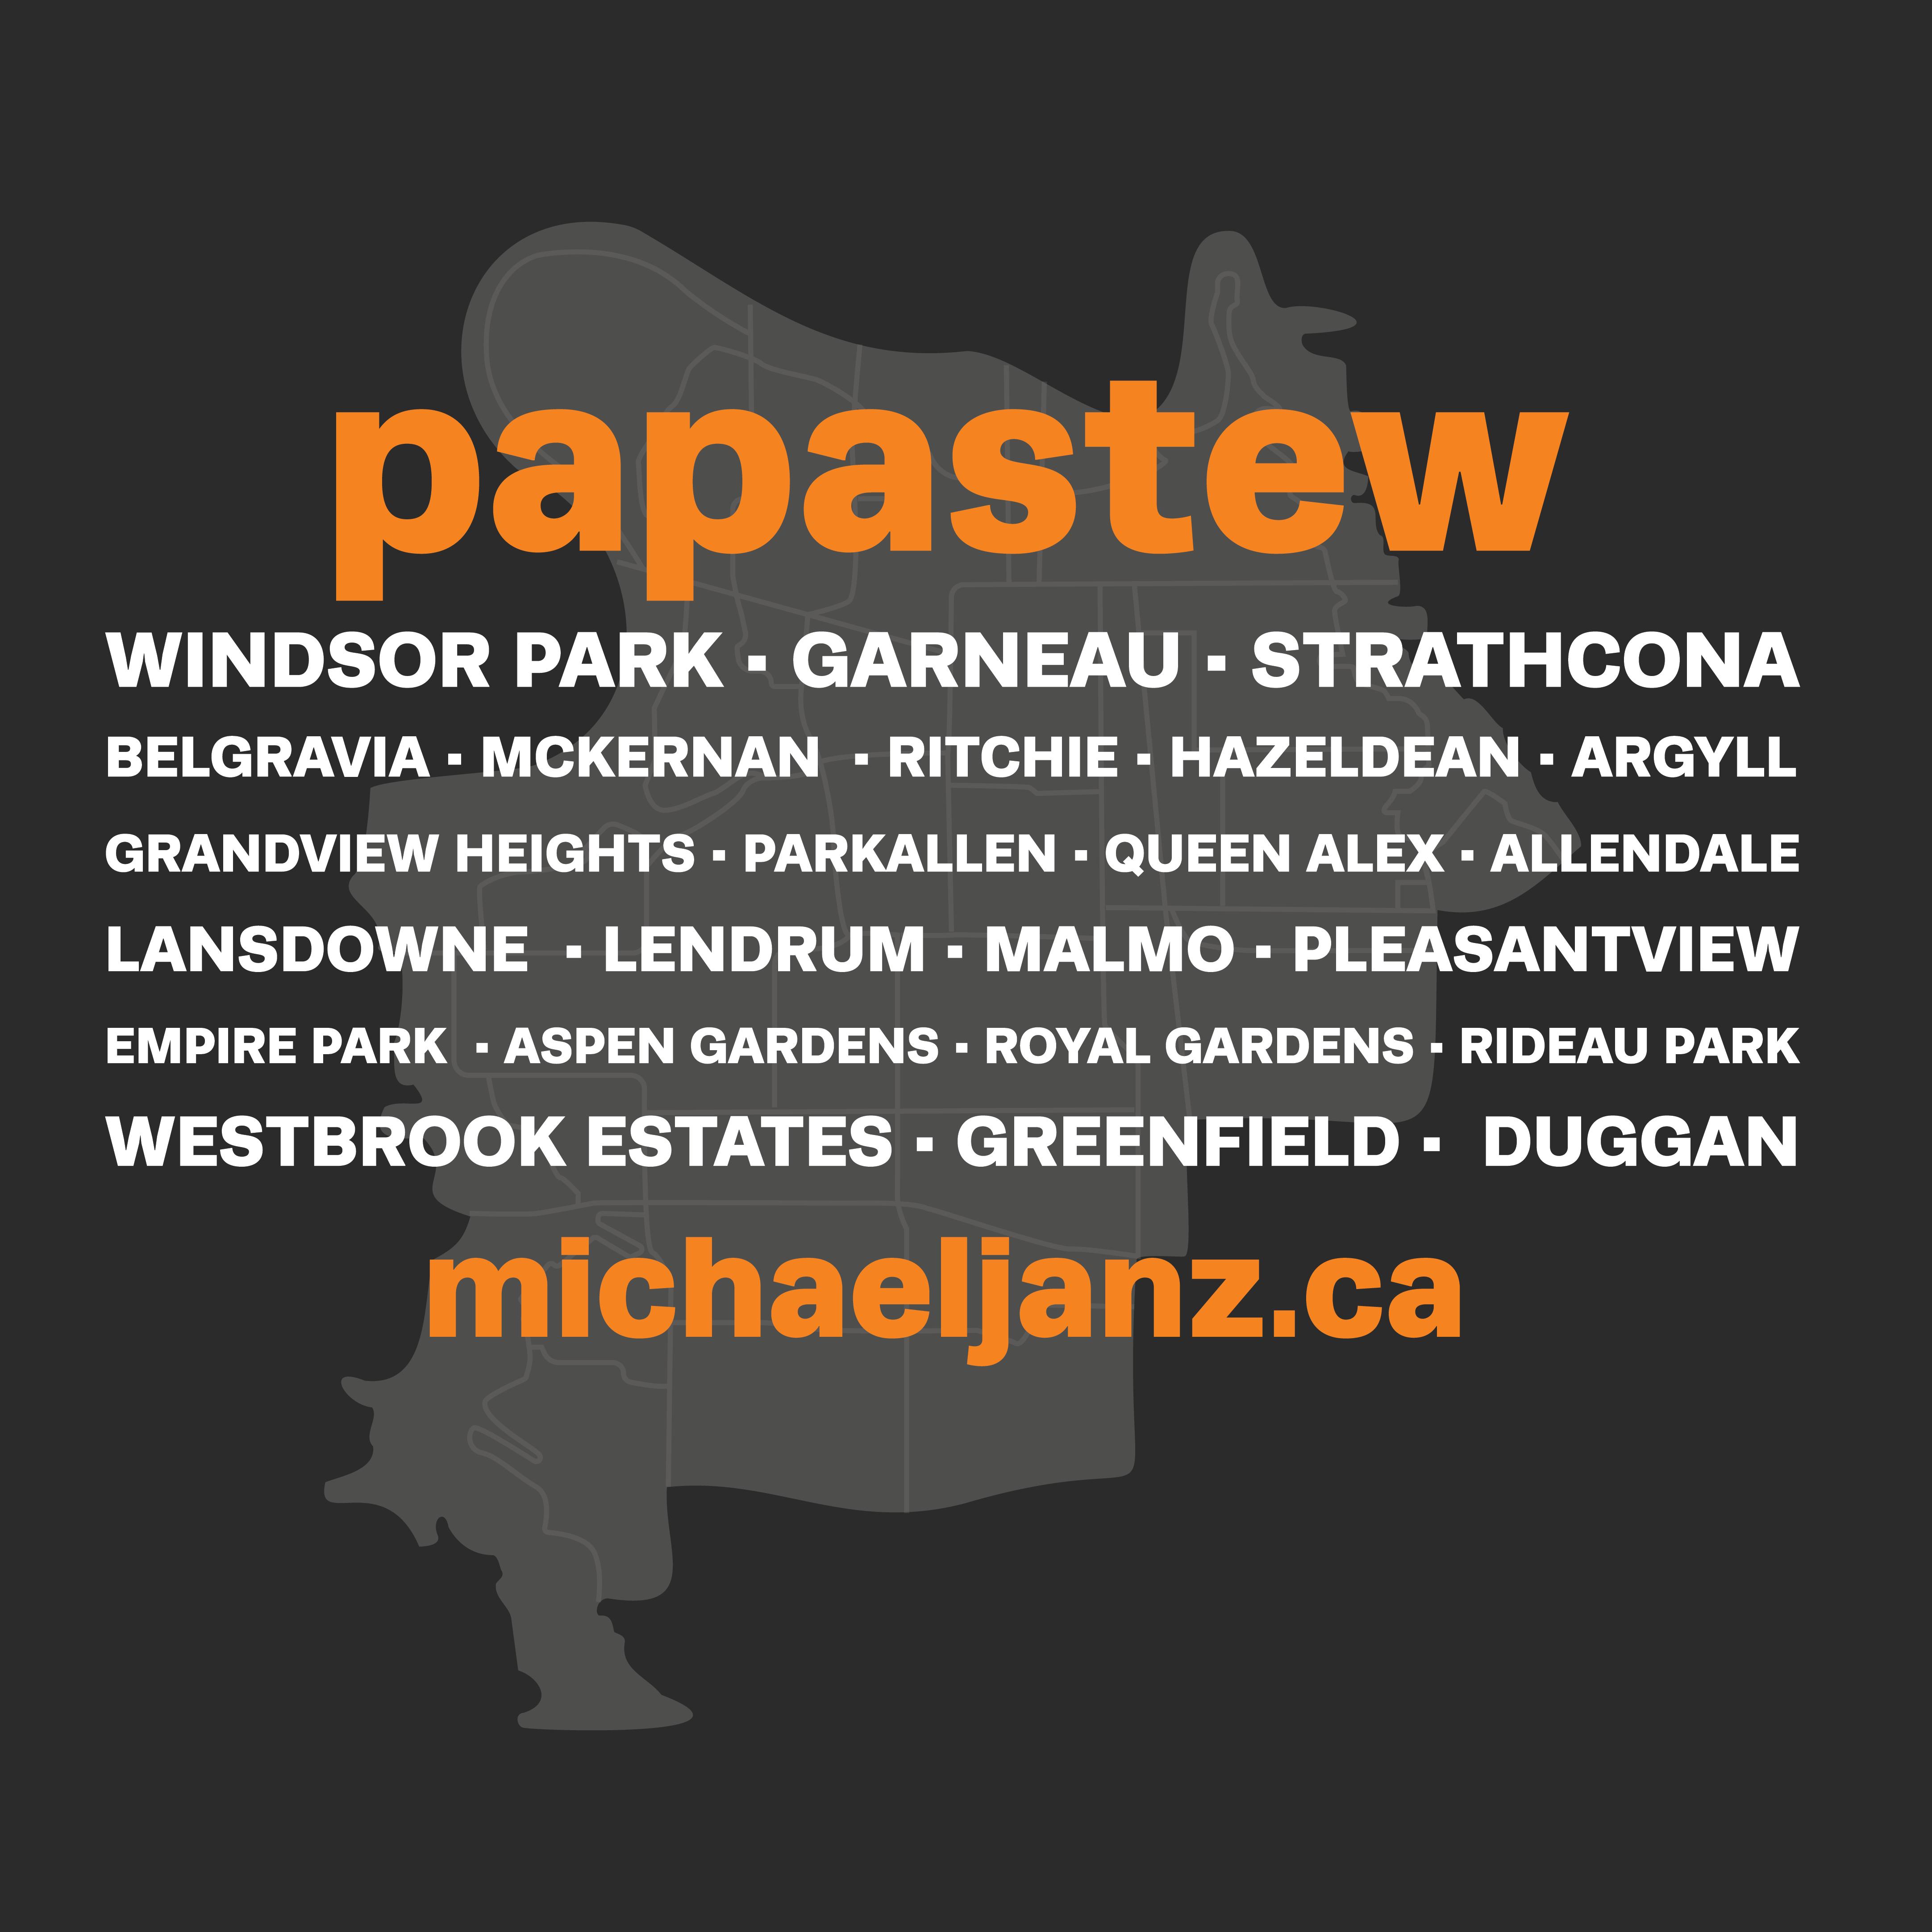 papastew Ward Map Listing All 23 neighbourhoods